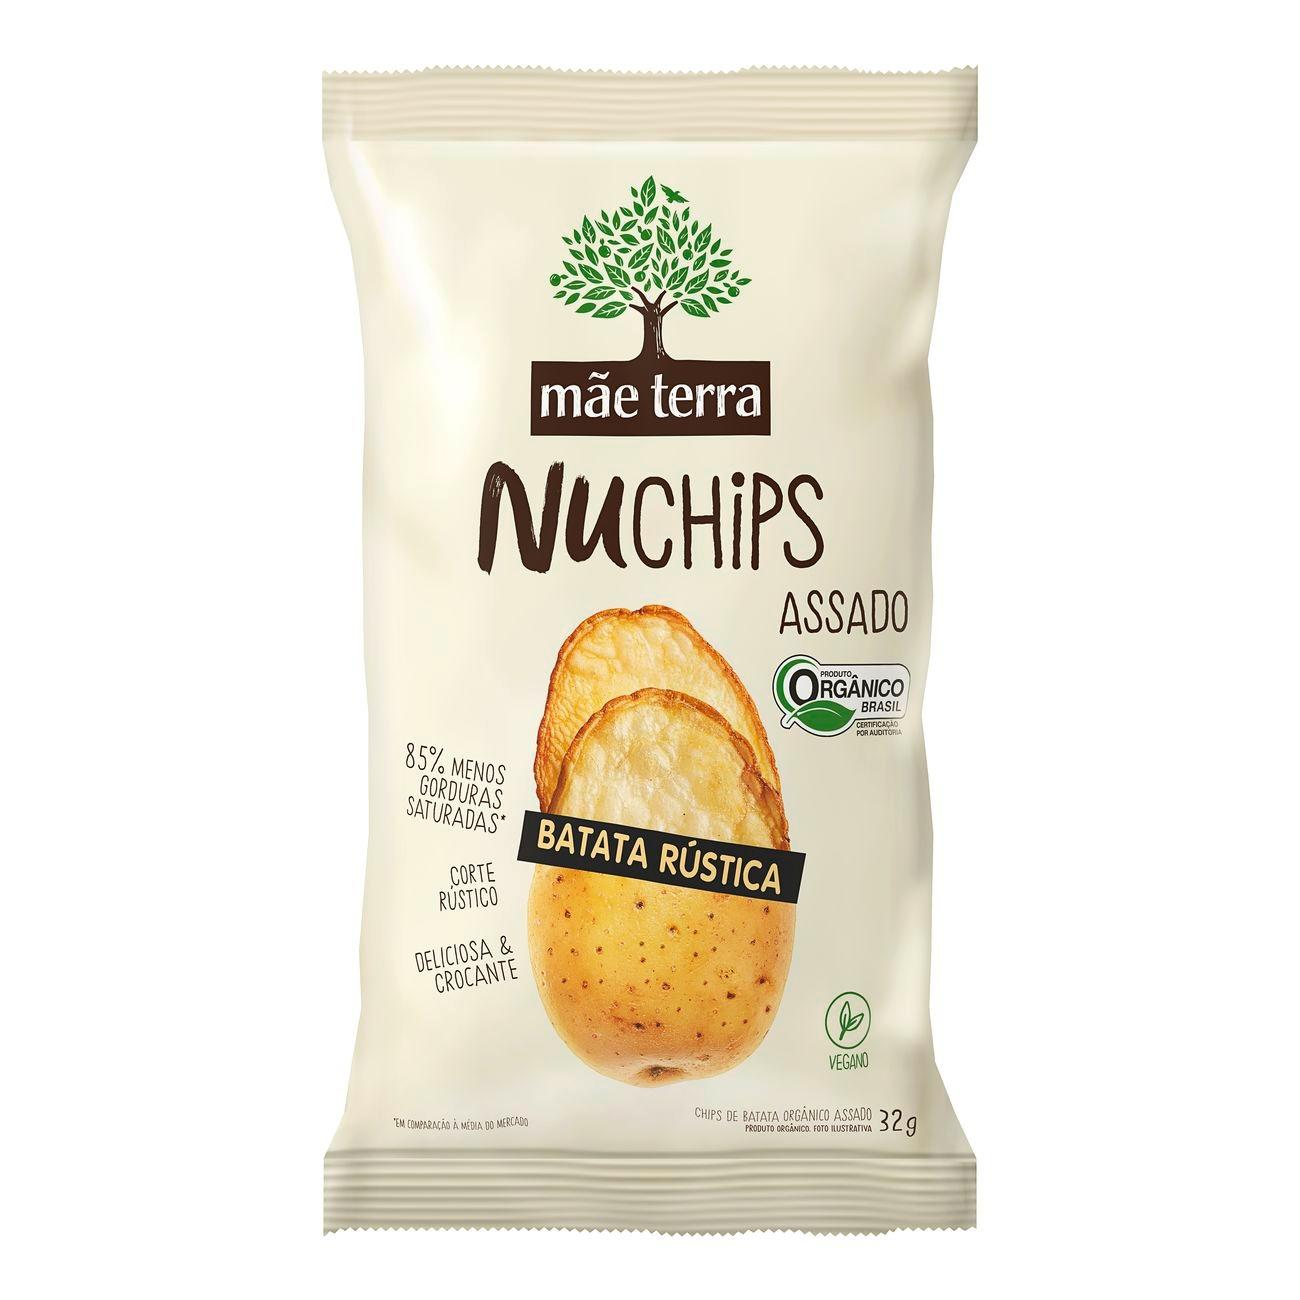 Chips Orgânico Mãe Terra Batata Rústica NuChips 32g